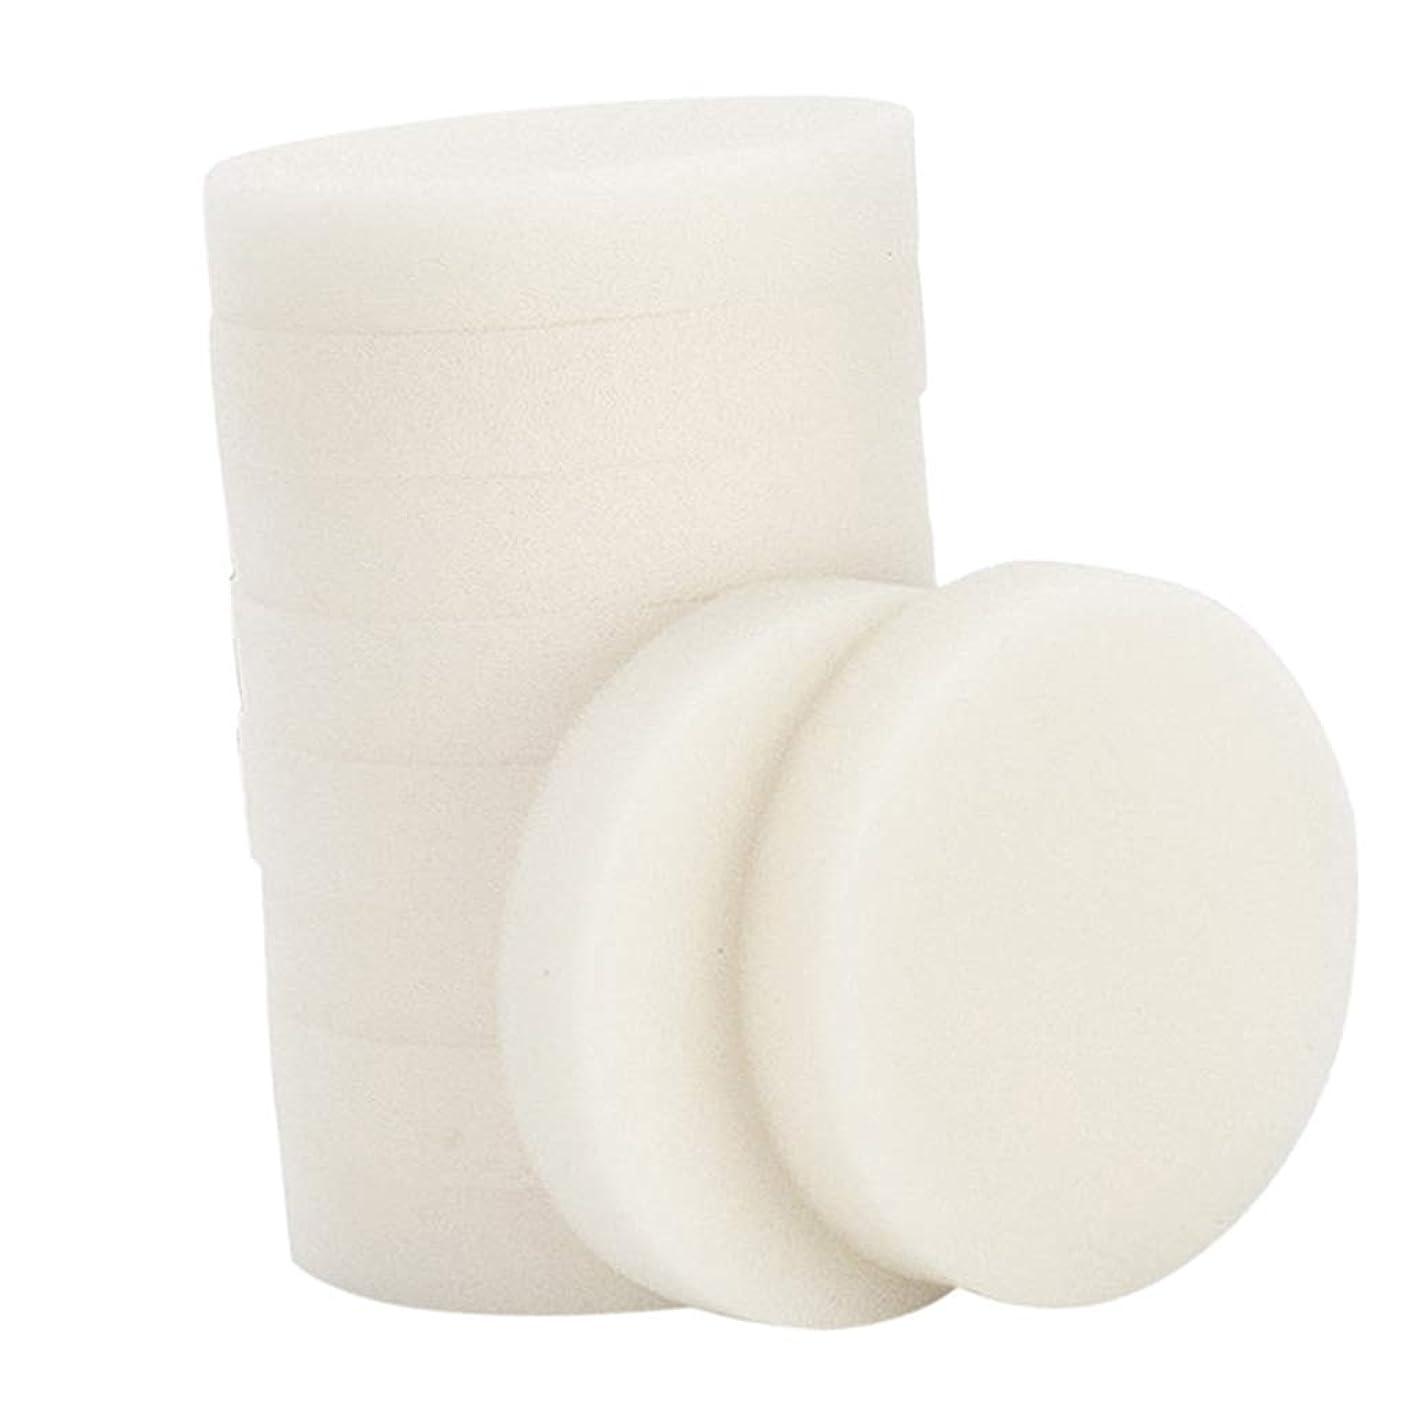 ライナーありふれた記念P Prettyia 10個 メイク落とし 使い捨て 洗顔パフ 通気性 洗顔スポンジ メイクアップパフ 2サイズ選べ - 小